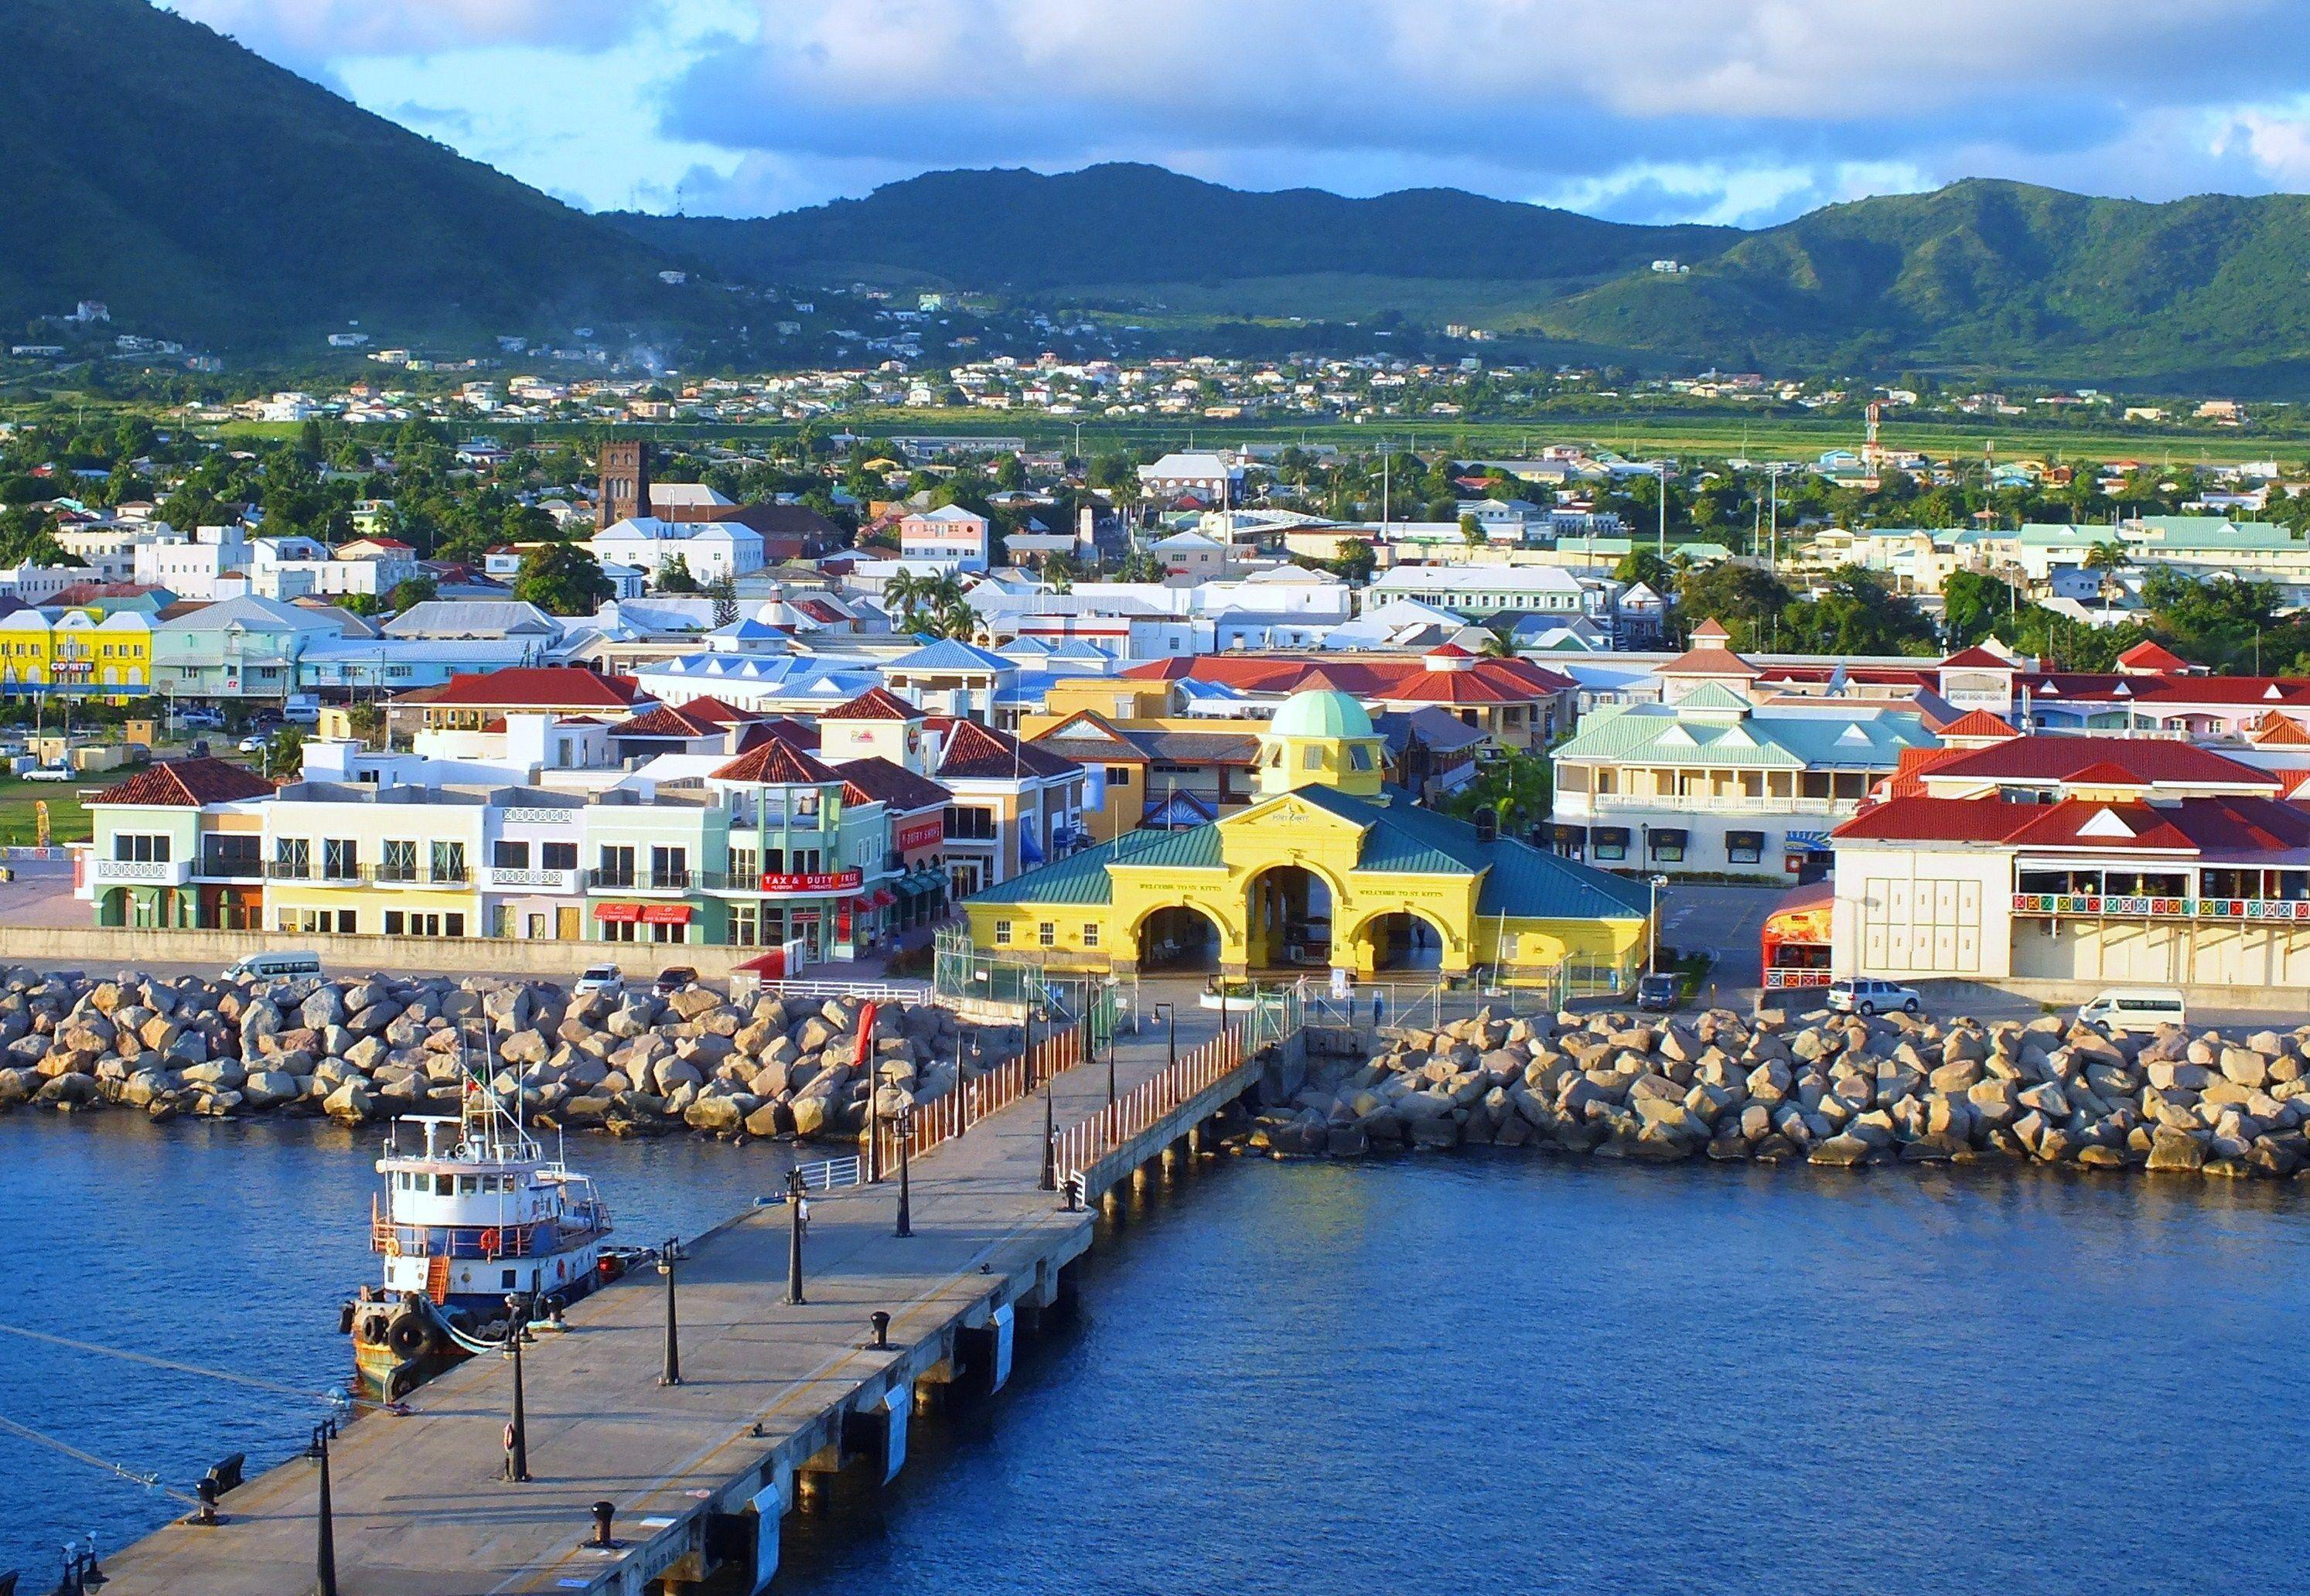 Kết quả hình ảnh cho Saint Kitts and Nevis